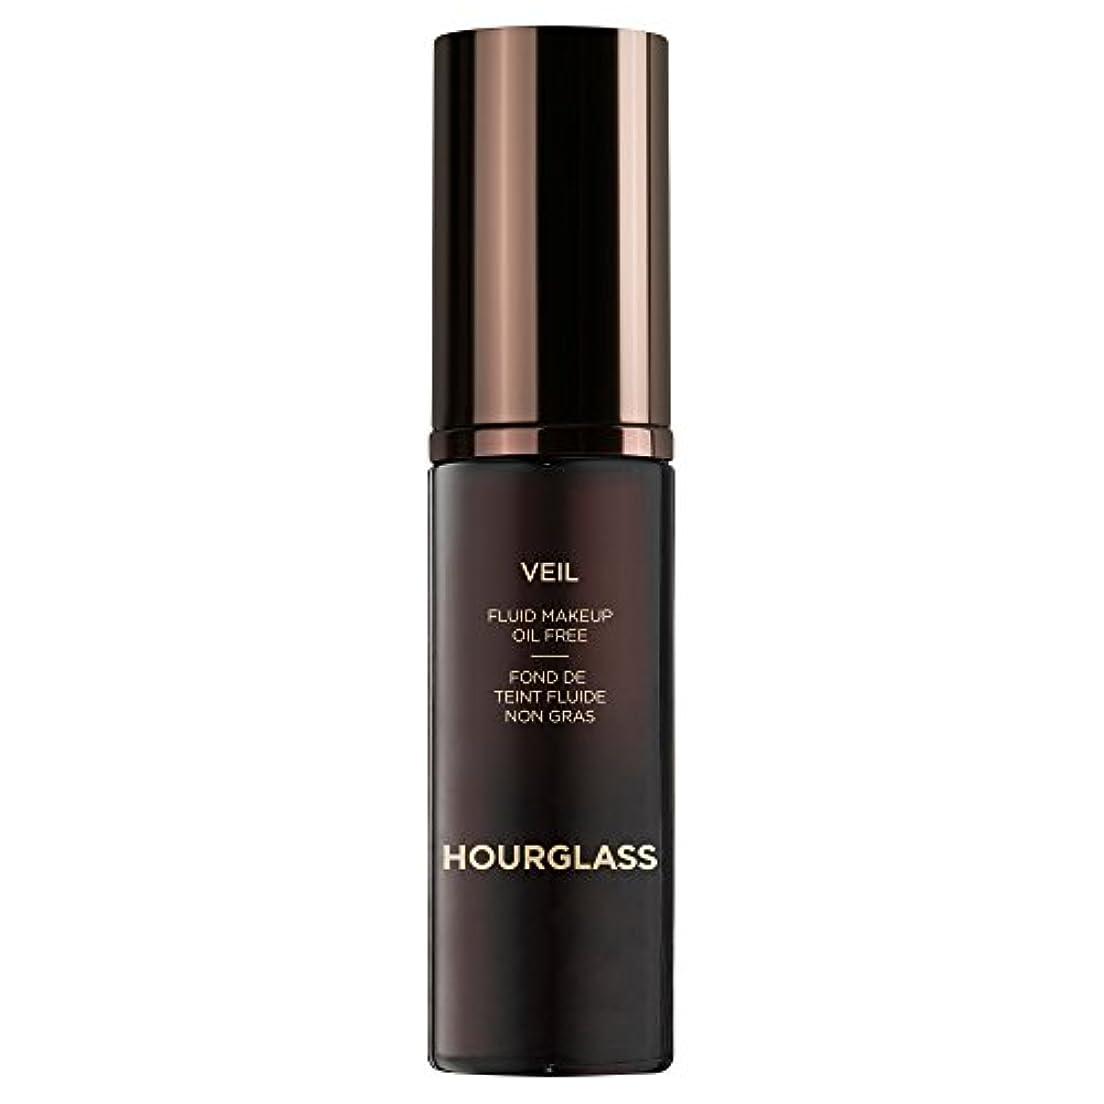 願う凍ったキャンドル流体化粧栗ベール砂時計 (Hourglass) (x2) - Hourglass Veil Fluid Makeup Chestnut (Pack of 2) [並行輸入品]